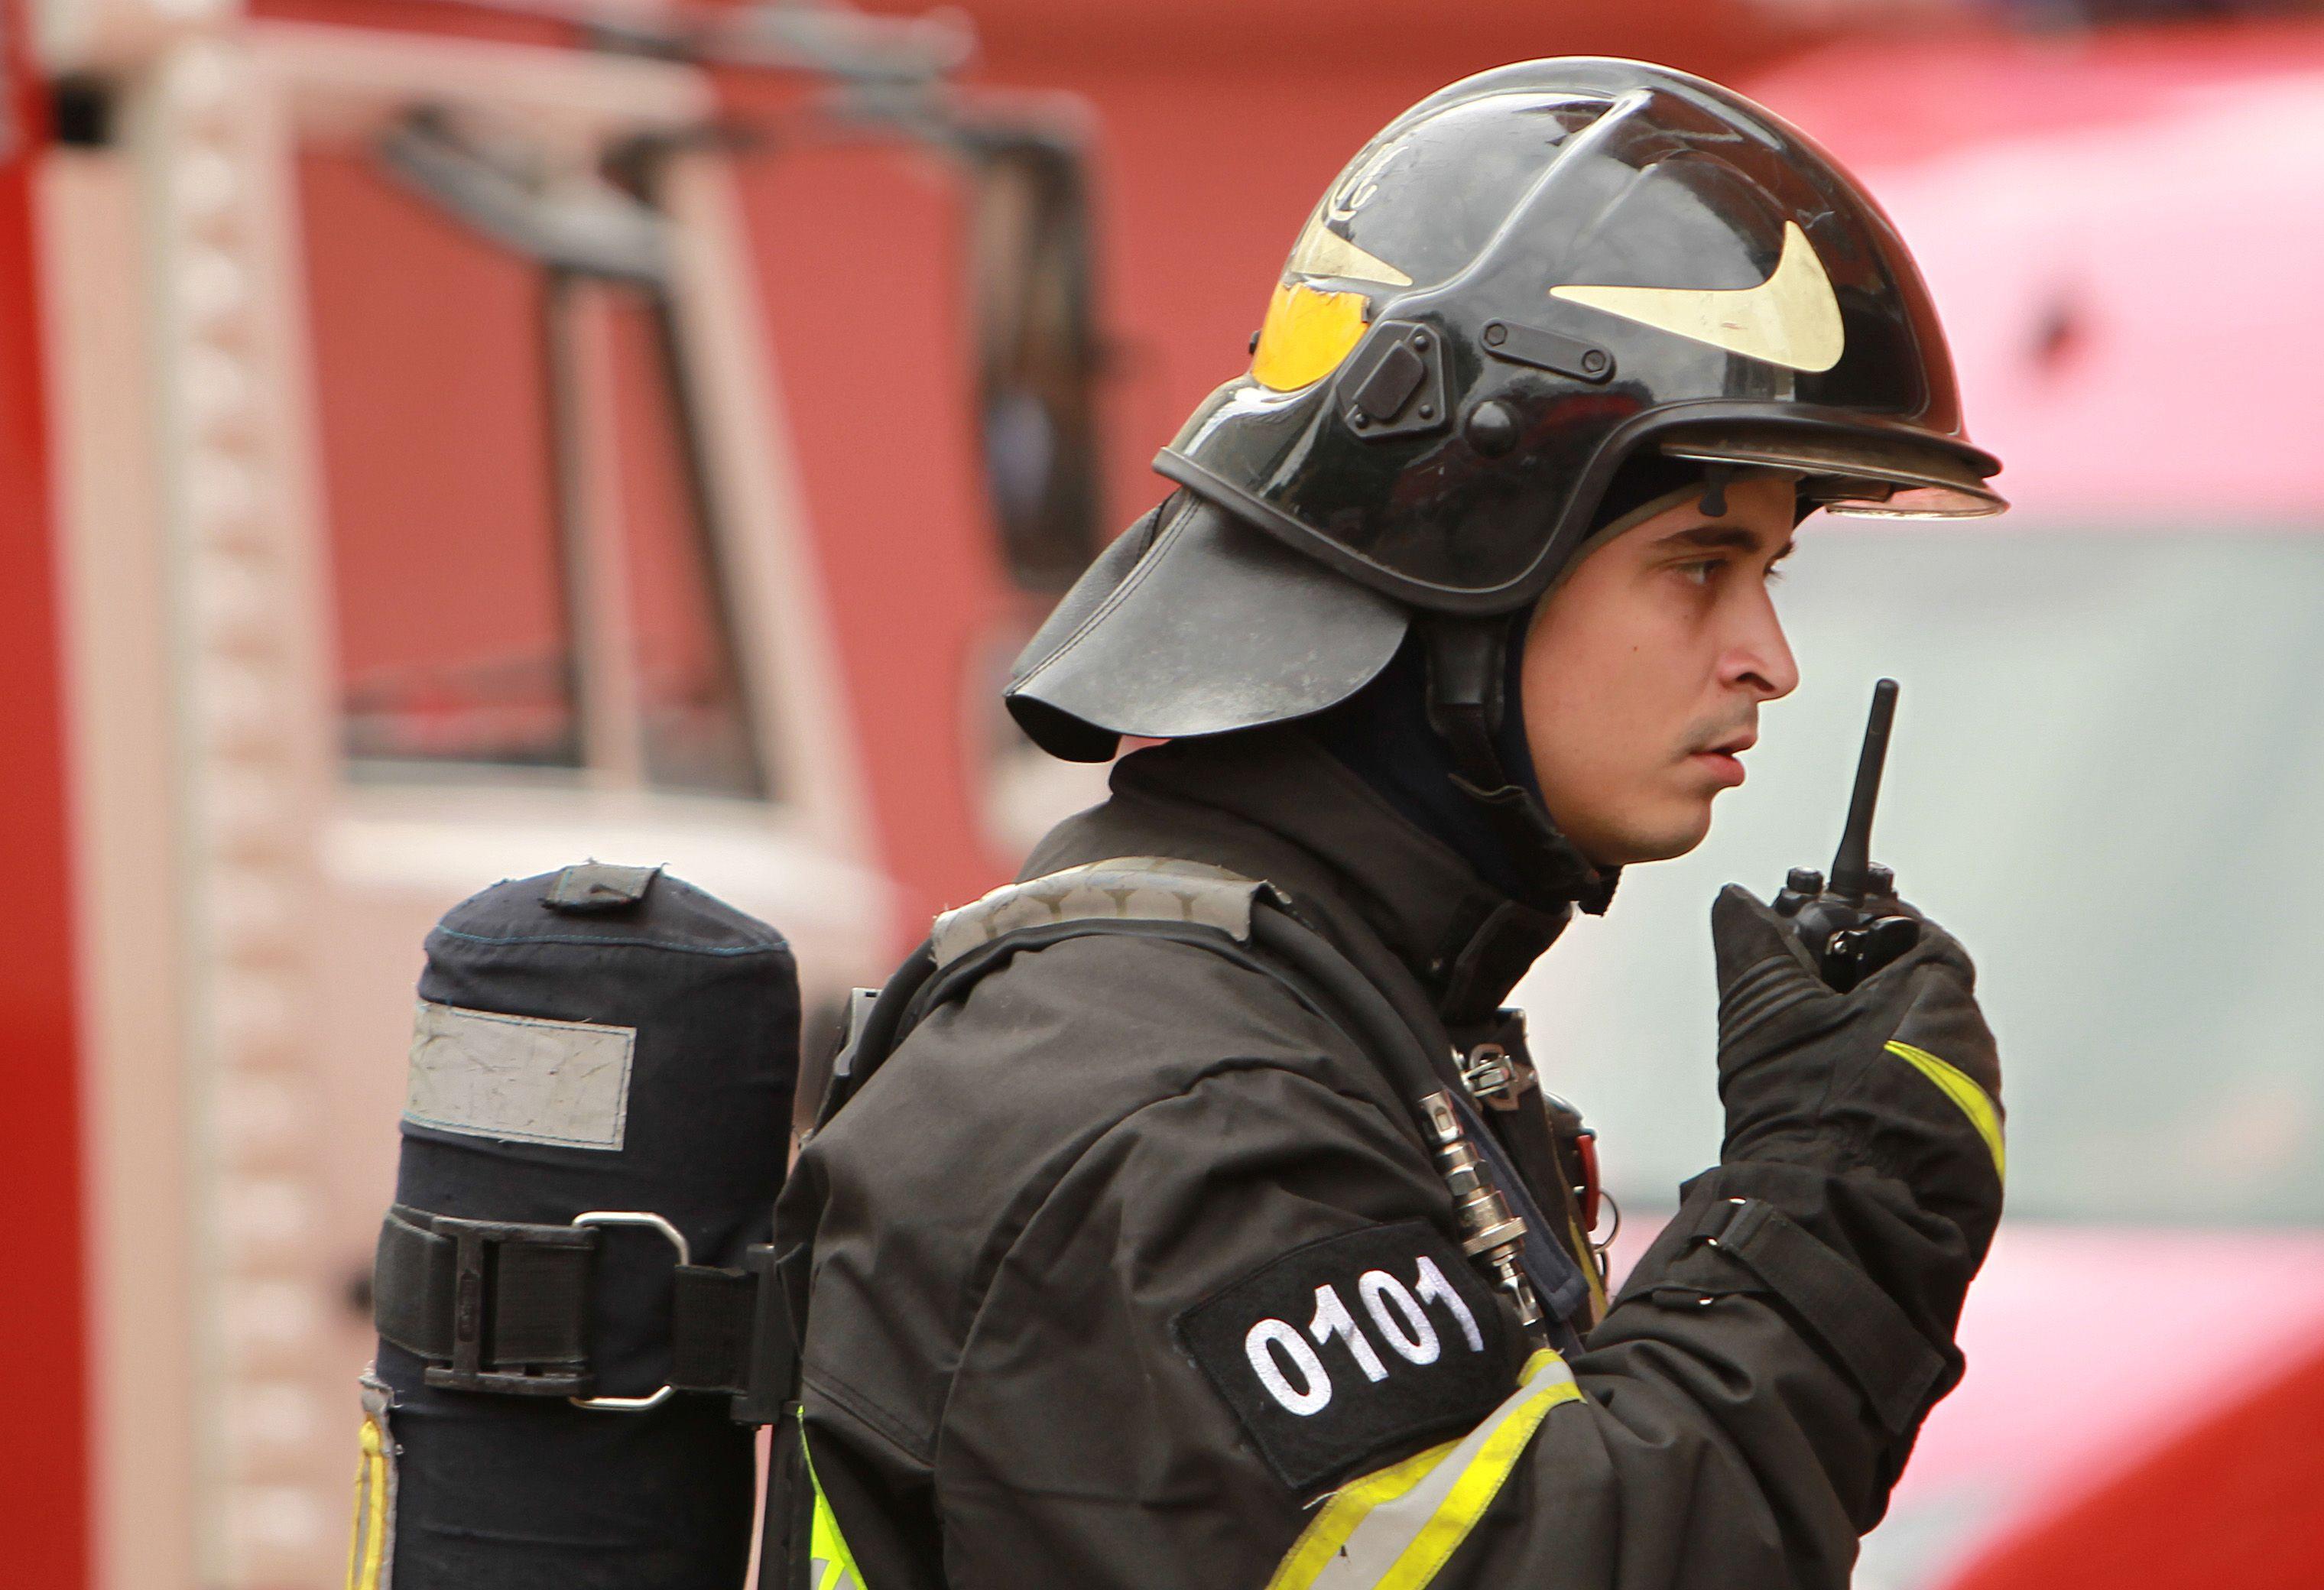 Спасатели ликвидировали пожар в жилом доме на юго-западе Москвы